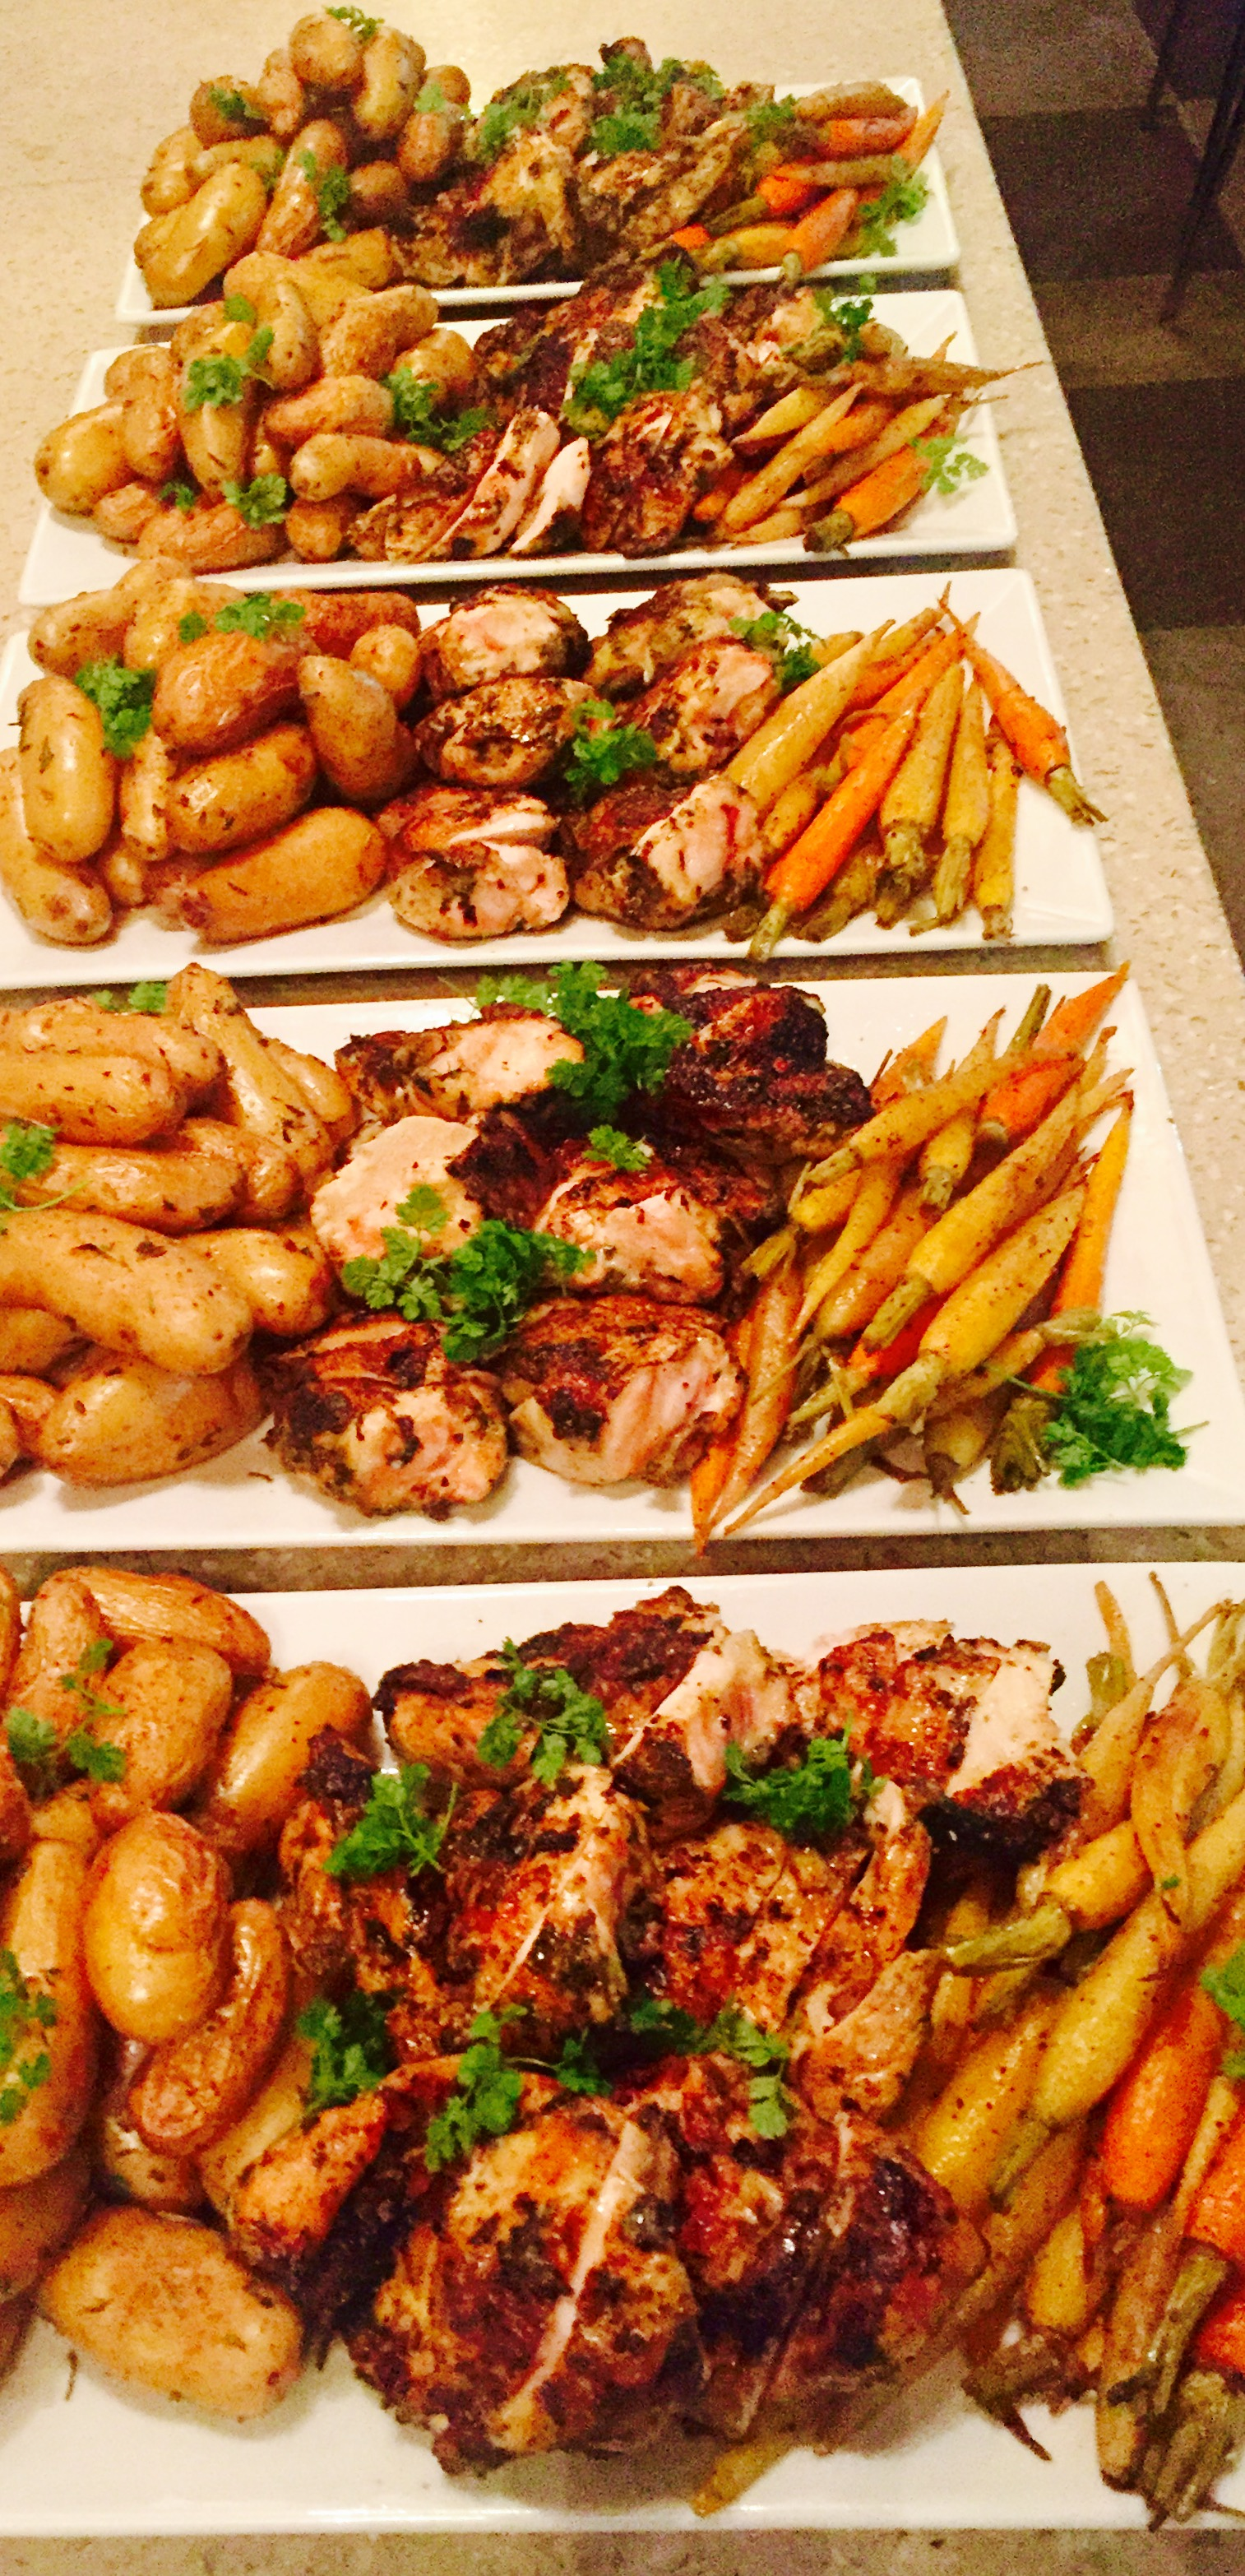 B - Family Style Dinner 1.jpg